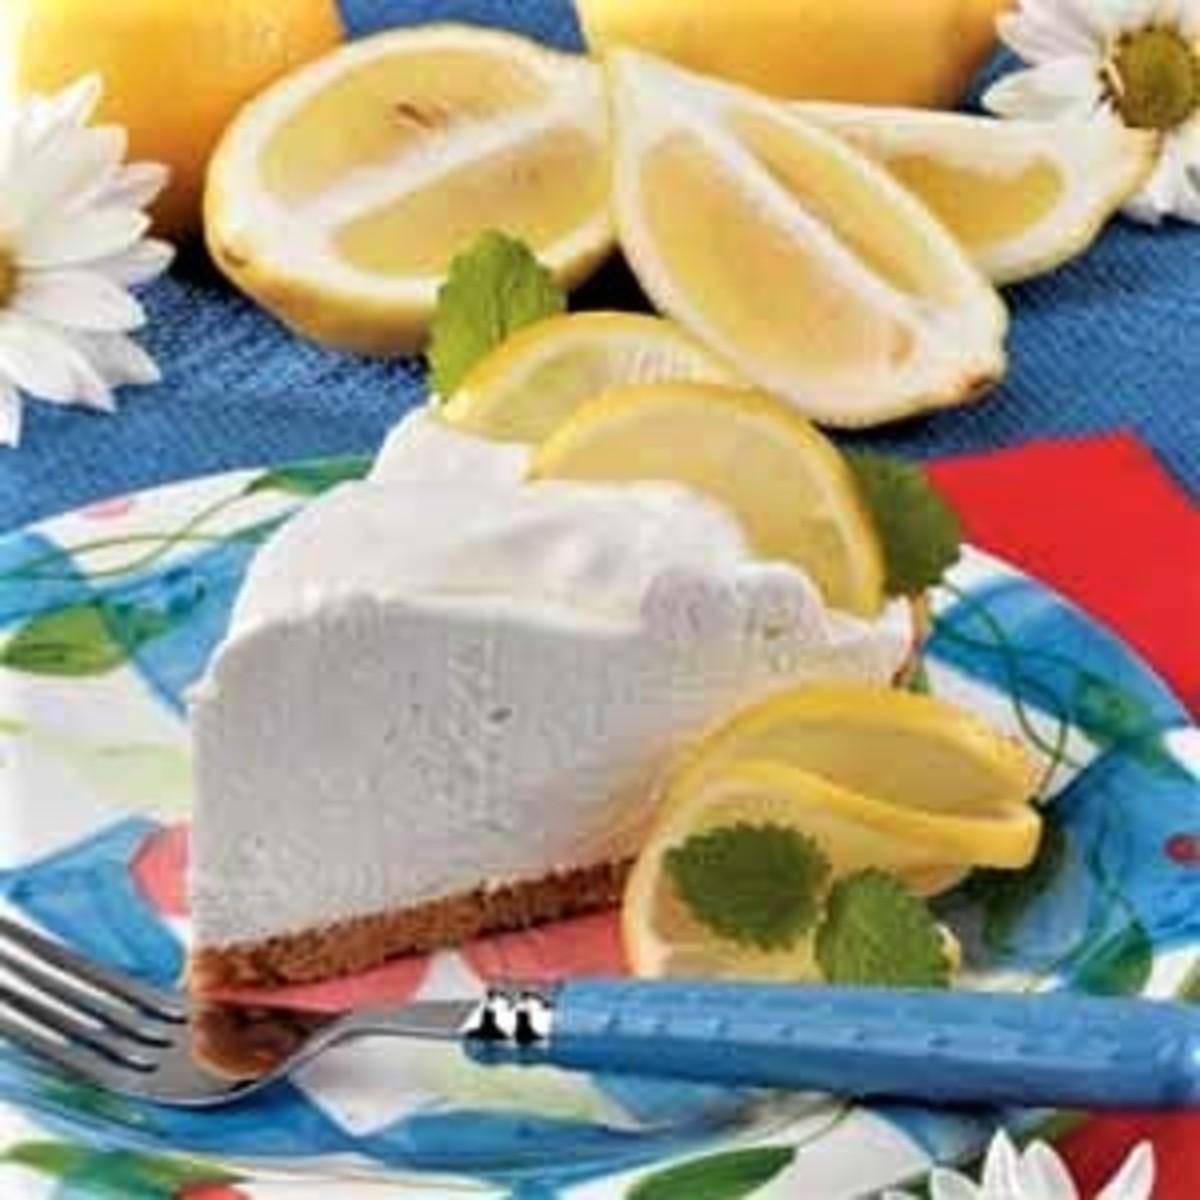 yogurt cream pie